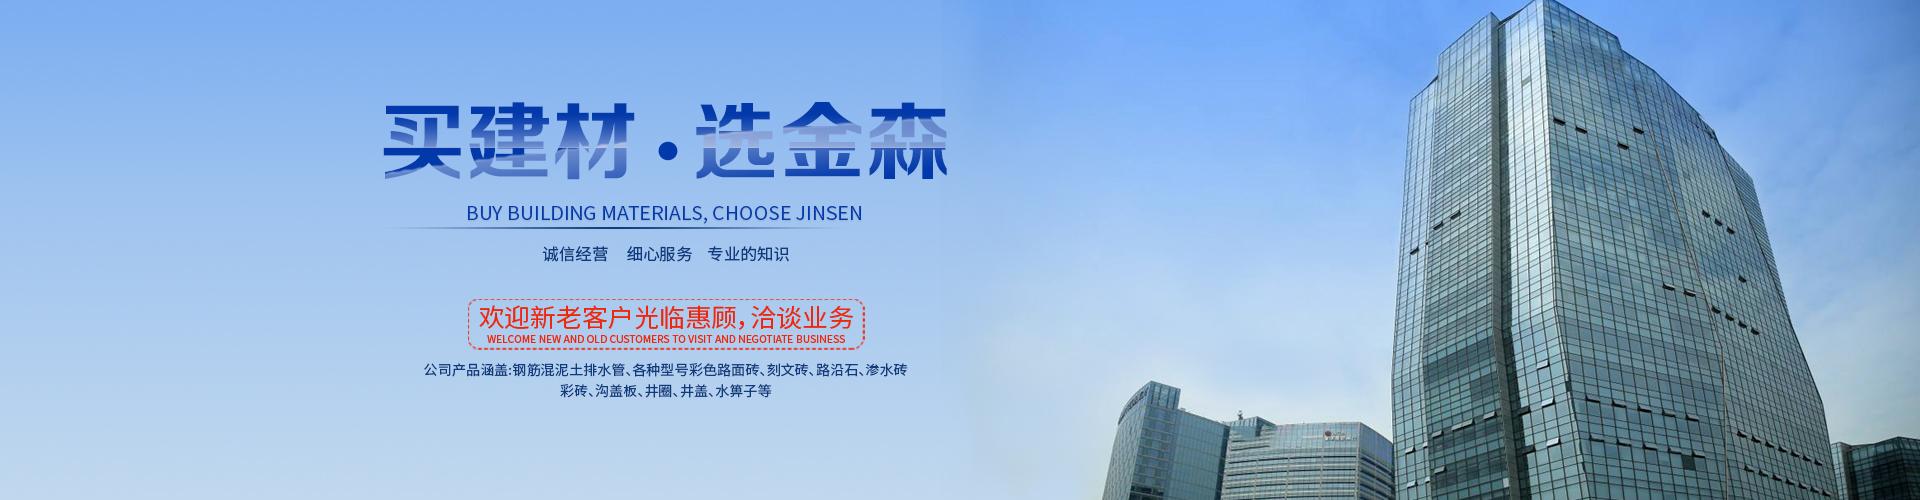 荆州水泥制品厂家